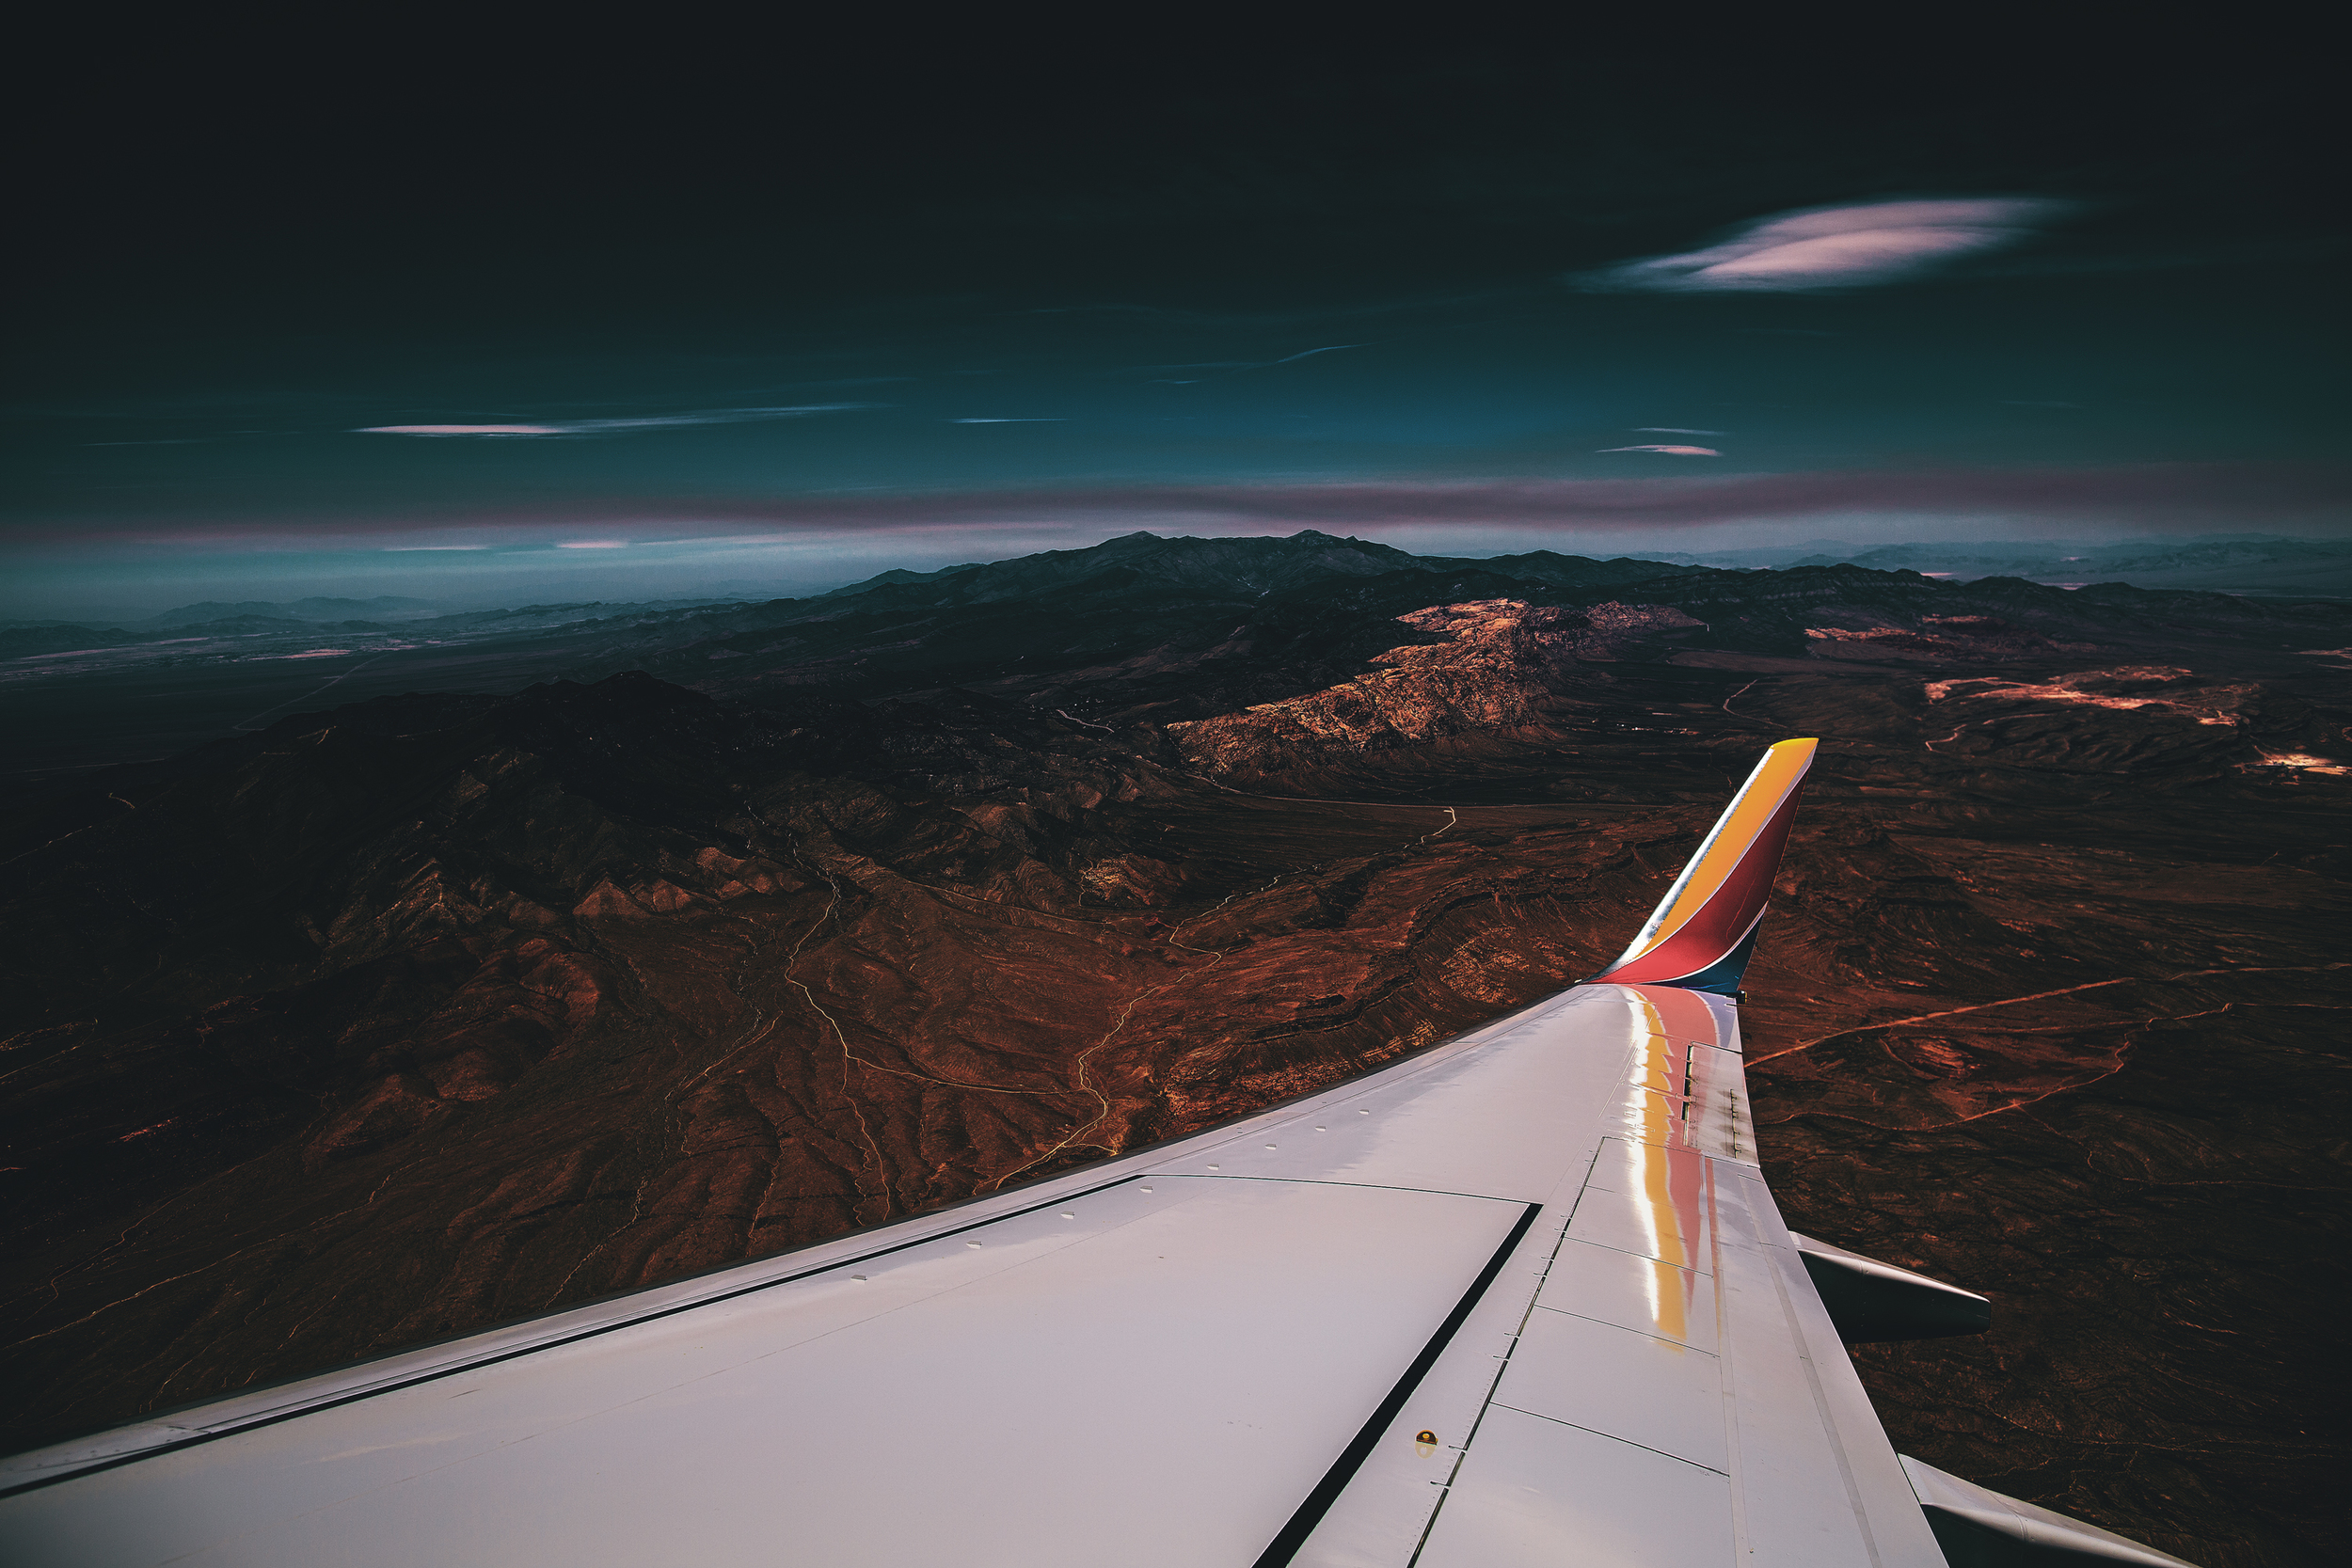 JLRoyal_LasVegas_SouthwestWasteland1.jpg